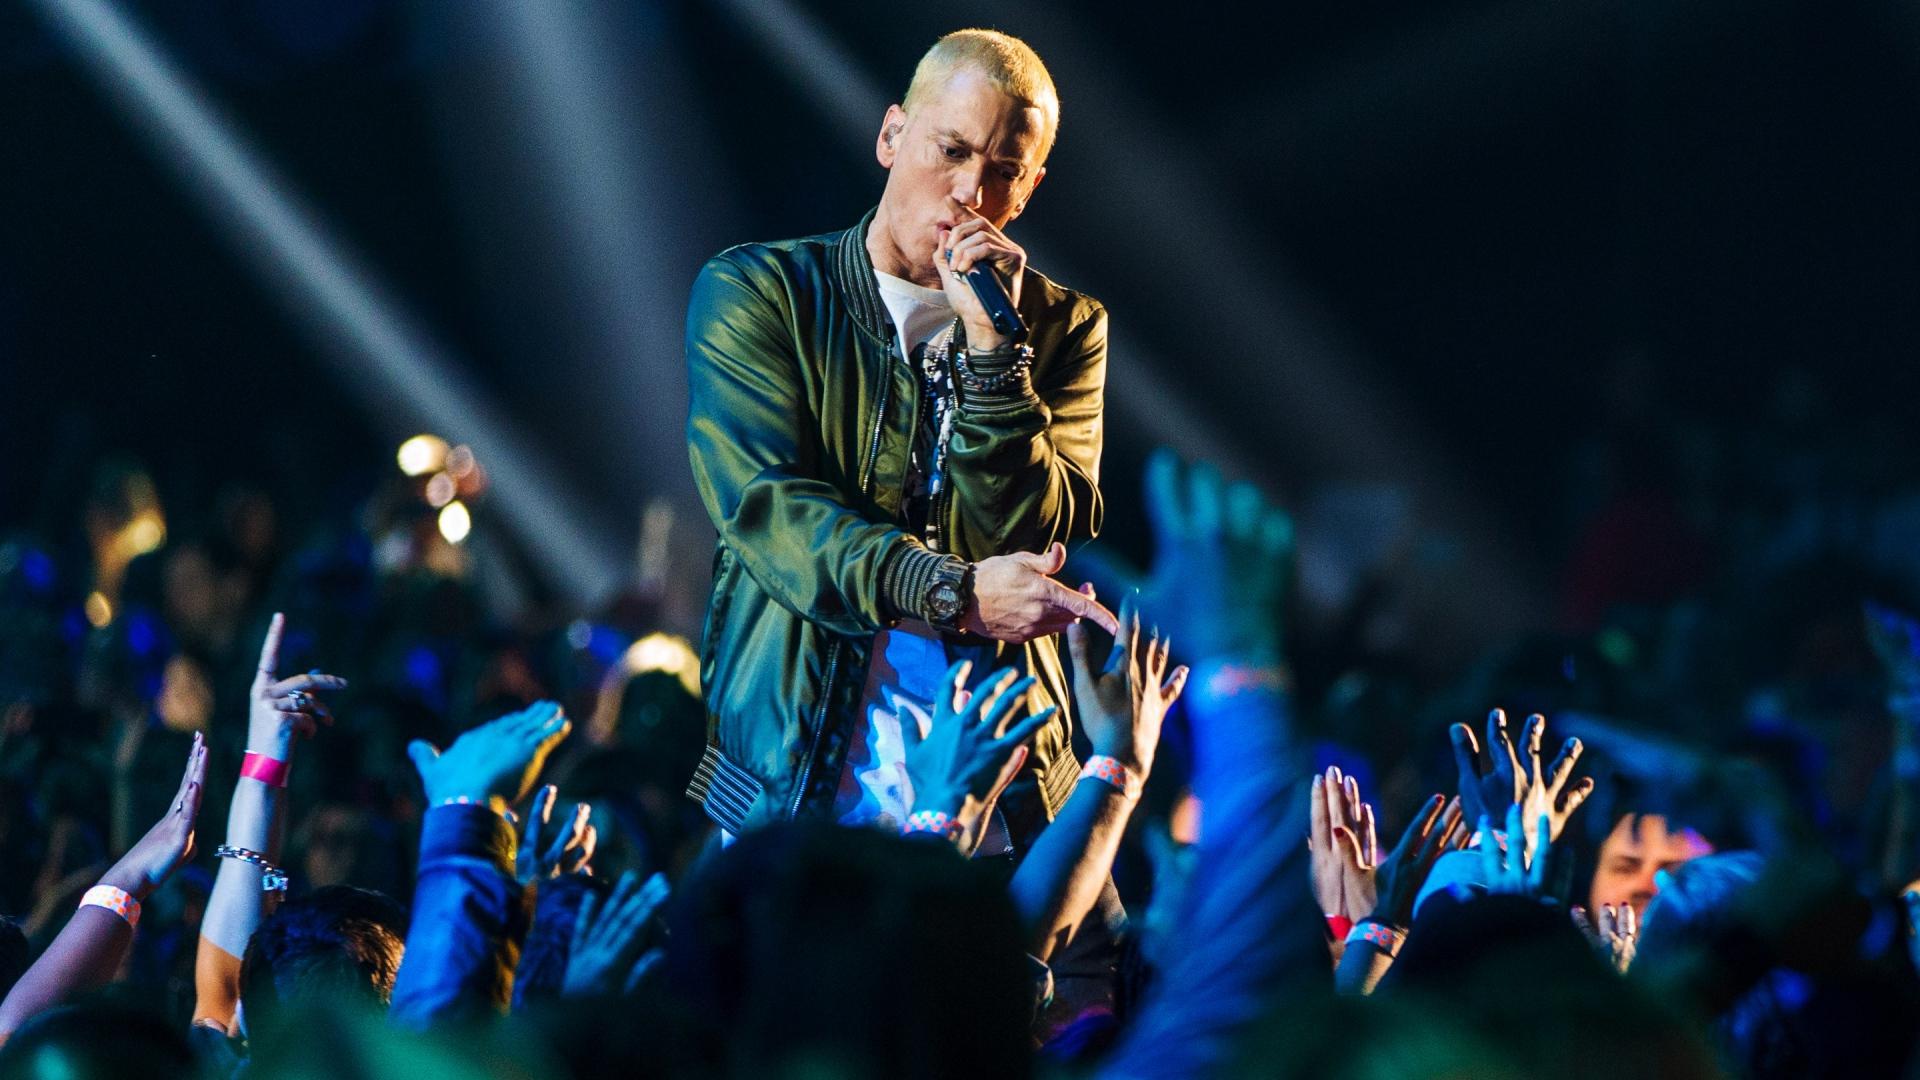 Fall Out Boy Iphone Wallpaper Eminem Singer Wallpaper Pixelstalk Net